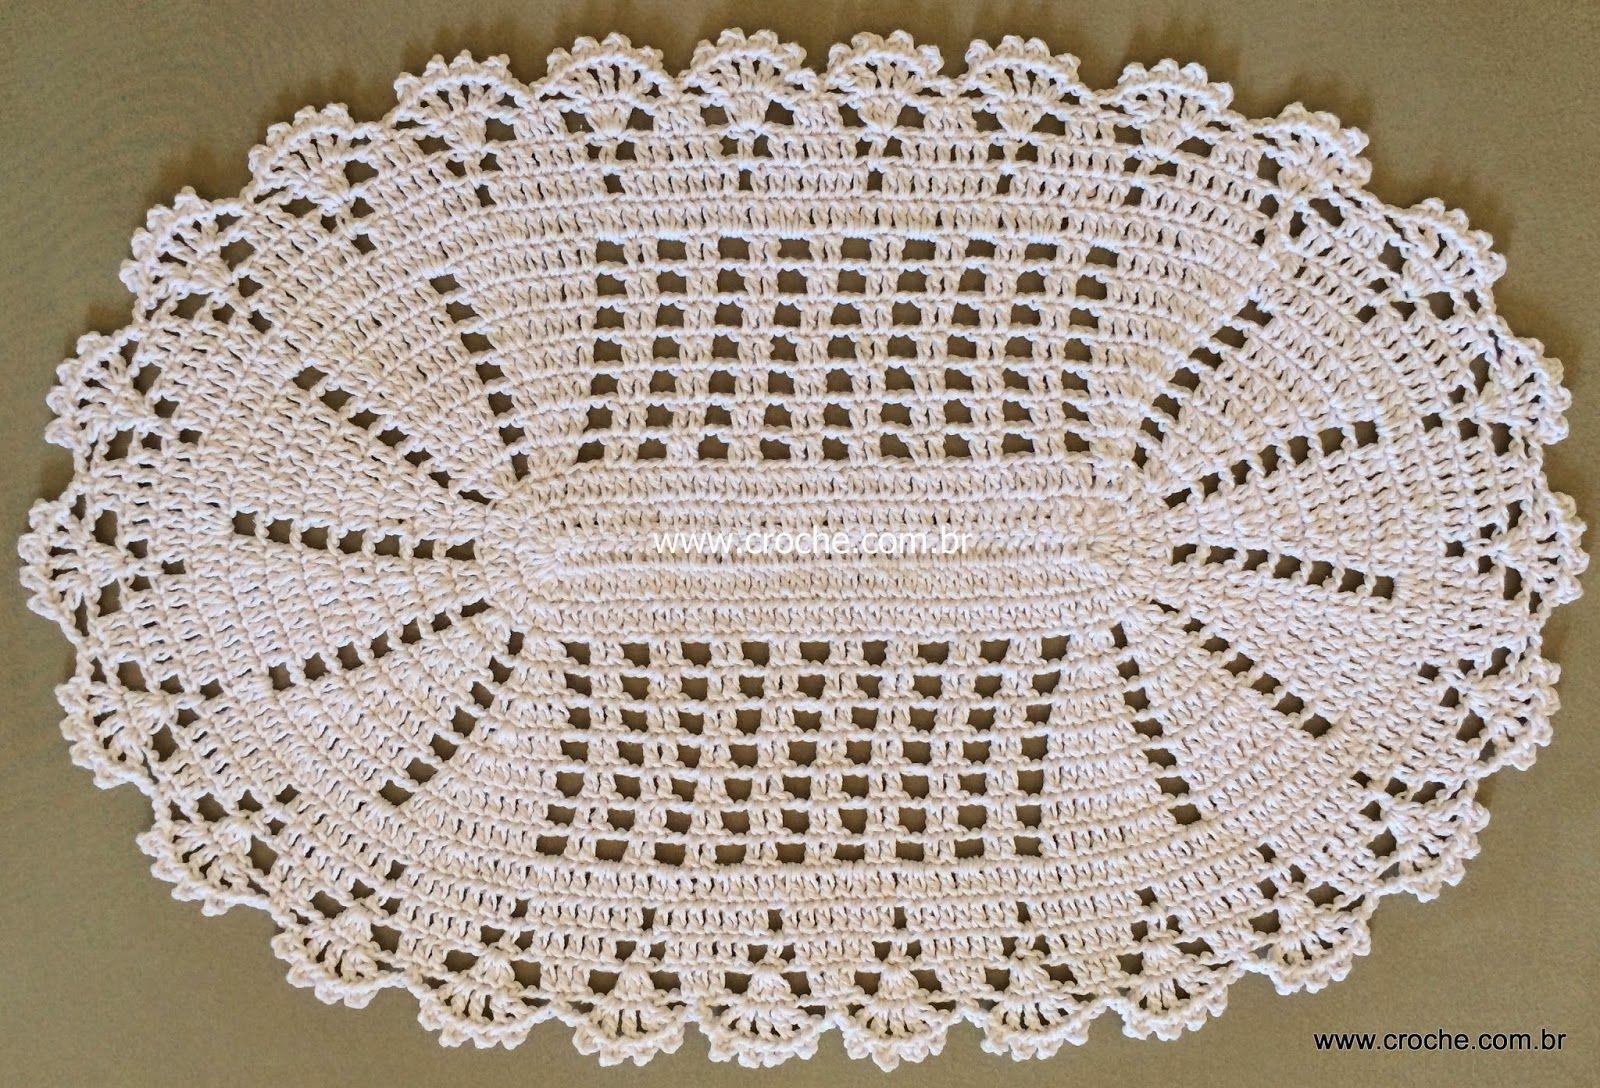 Croche Com Br Fatima Pinterest Croch Tapetes E Praia De Ver O -> Tapete De Croche Oval Simples Passo A Passo